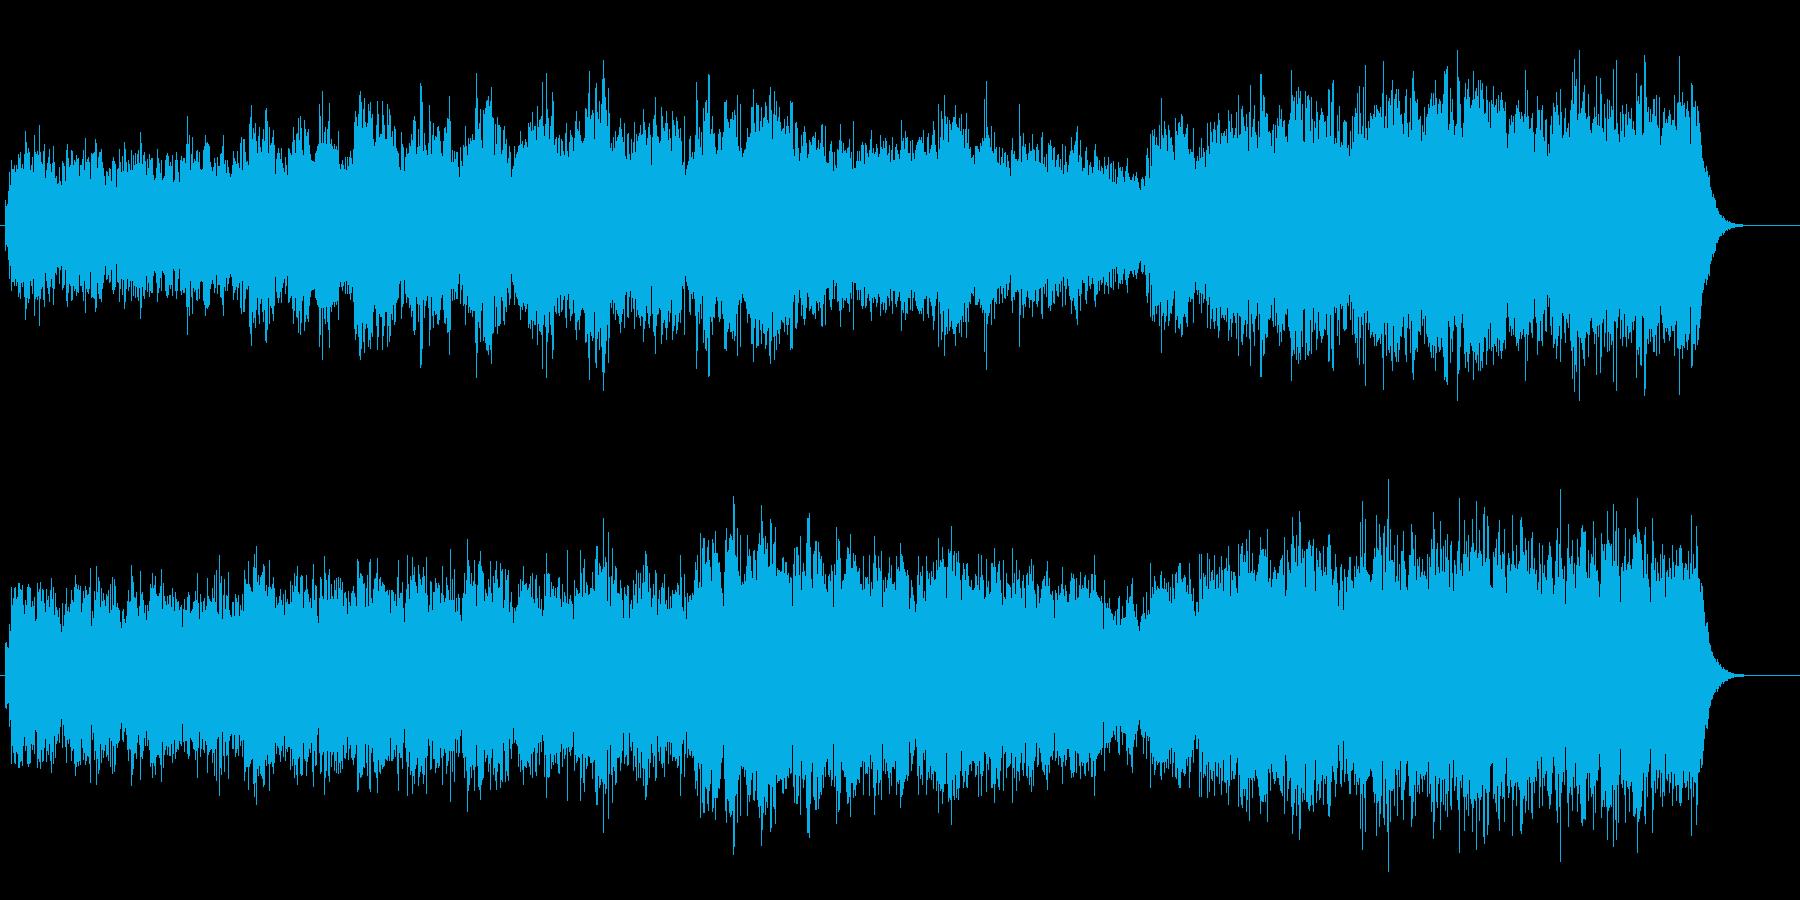 静かなヨーロッパ的ドキュメンタリーアンビの再生済みの波形